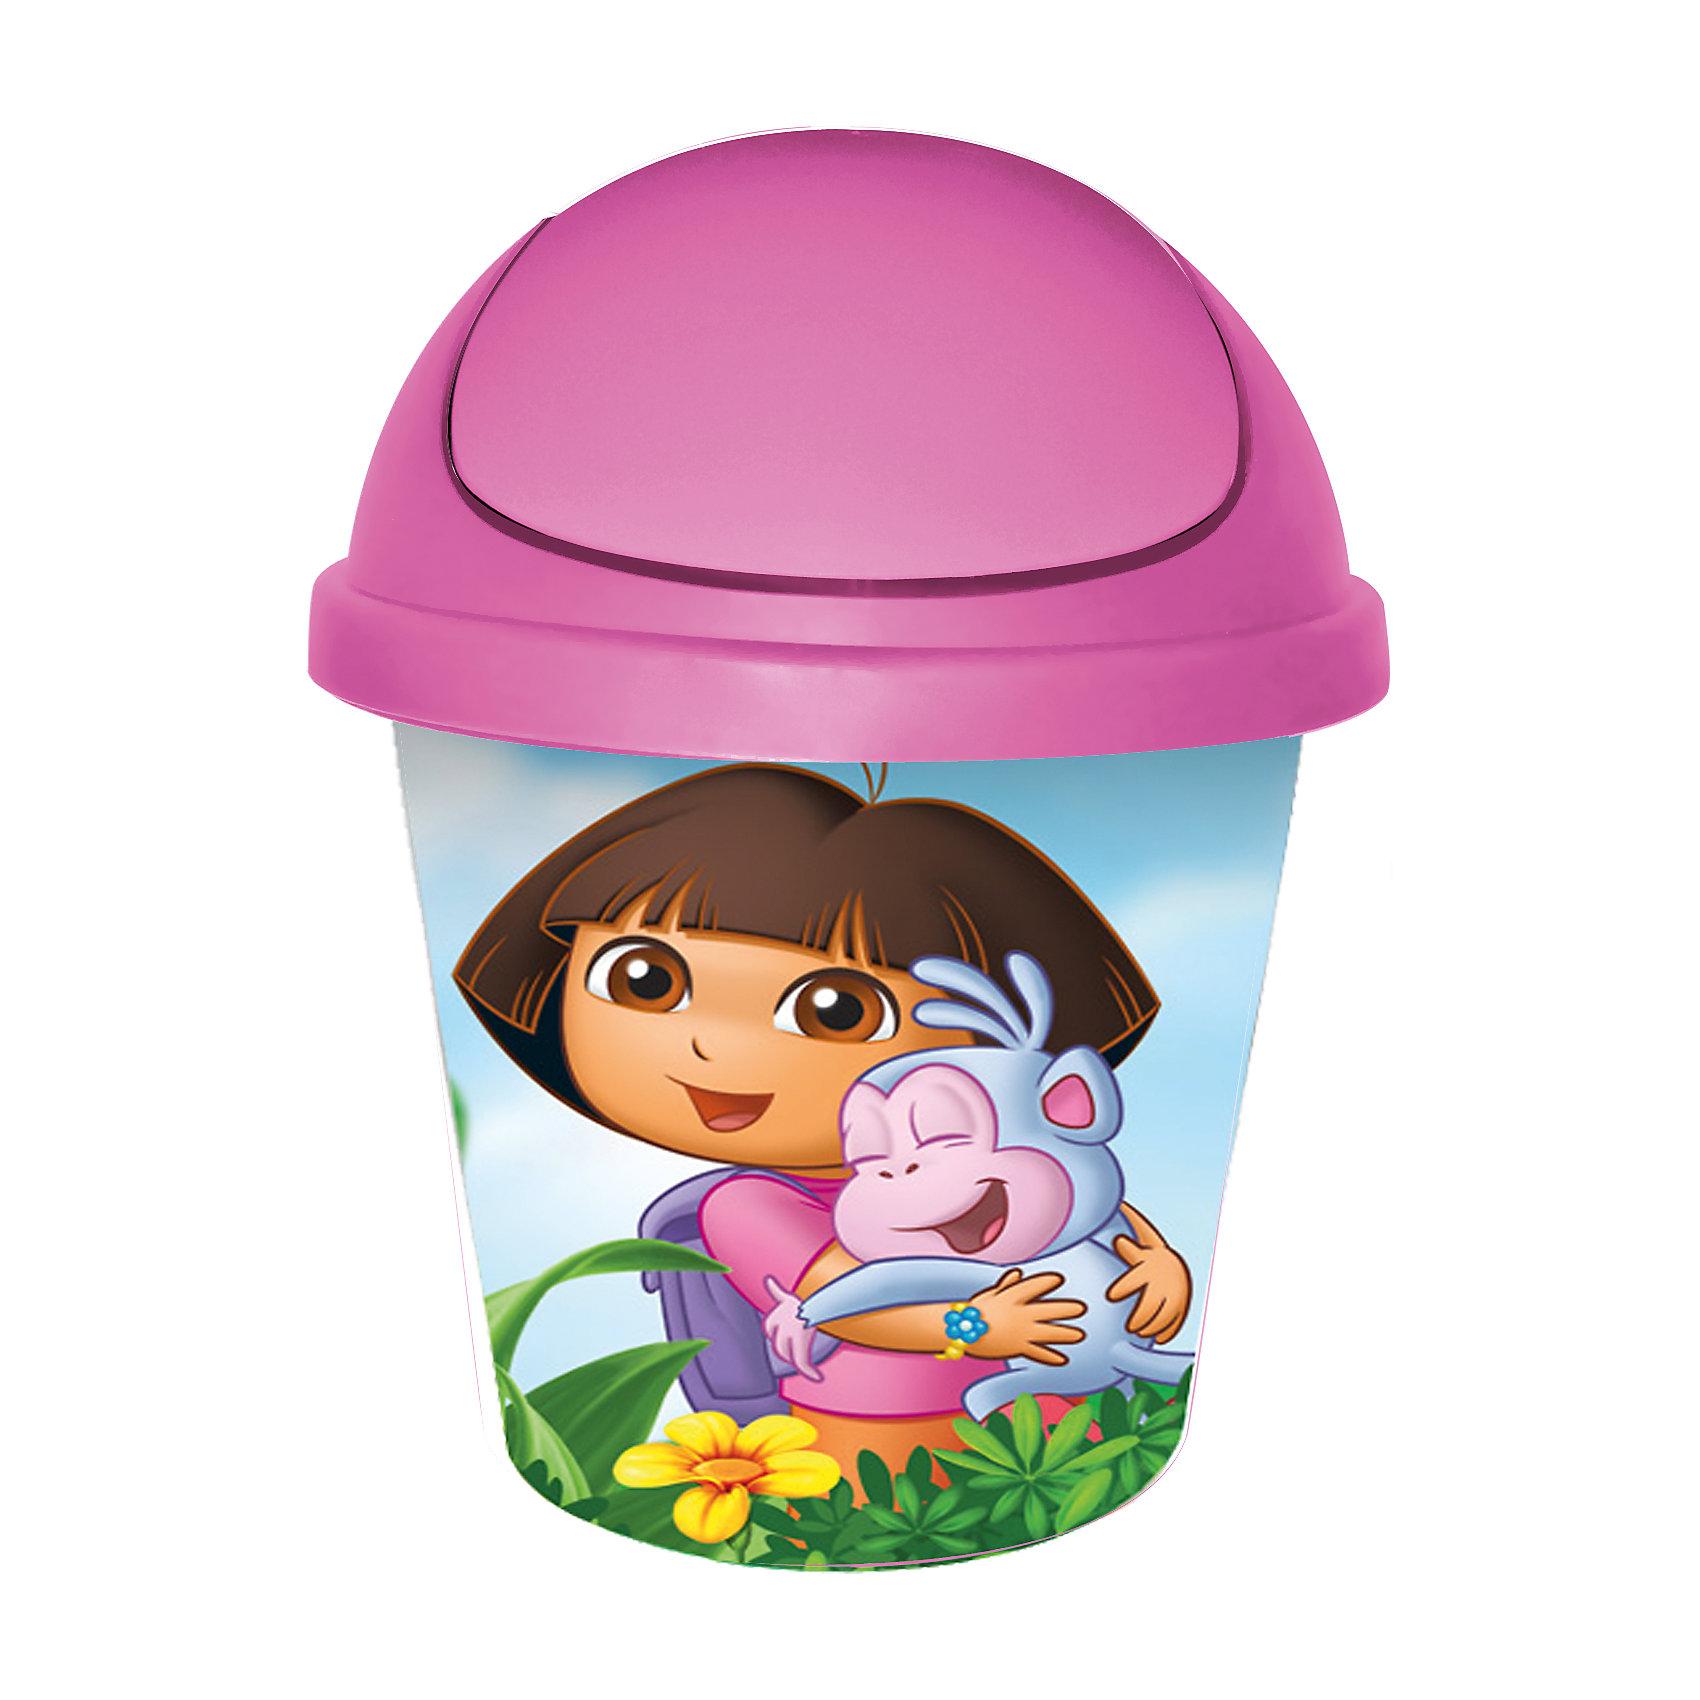 Мусорная корзина круглая 7л. Даша путешественница, Little Angel, розовыйПорядок в детской<br>Мусорная корзина круглая 7 л Даша путешественница, Little Angel, розовый изготовлена отечественным производителем . Выполненная из высококачественного пластика, устойчивого к внешним повреждениям и изменению цвета, корзина позволит не только поддерживать чистоту, но и украсит детскую комнату своим ярким дизайном. По бокам корзины с помощью инновационной технологии нанесены картинки, изображающие Дашу с ее другом-обезьянкой по имени Башмачок.<br>Мусорная корзина оснащена вращающейся откидной крышкой, которая снимается, что позволит аккуратно убирать мусор, вставлять мусорный мешок, а также мыть. <br><br>Дополнительная информация:<br><br>- Предназначение: для дома<br>- Цвет: розовый<br>- Пол: для девочки<br>- Материал: пластик<br>- Размер (Д*Ш*В): 26,7*26,7*33 см<br>- Объем: 7 л<br>- Вес: 370 г<br>- Особенности ухода: разрешается мыть теплой водой<br><br>Подробнее:<br><br>• Для детей в возрасте: от 2 лет и до 7 лет<br>• Страна производитель: Россия<br>• Торговый бренд: Little Angel<br><br>Мусорную корзину круглую 7 л Даша путешественница, Little Angel, розовый можно купить в нашем интернет-магазине.<br><br>Ширина мм: 267<br>Глубина мм: 267<br>Высота мм: 330<br>Вес г: 370<br>Возраст от месяцев: 24<br>Возраст до месяцев: 84<br>Пол: Женский<br>Возраст: Детский<br>SKU: 4881763